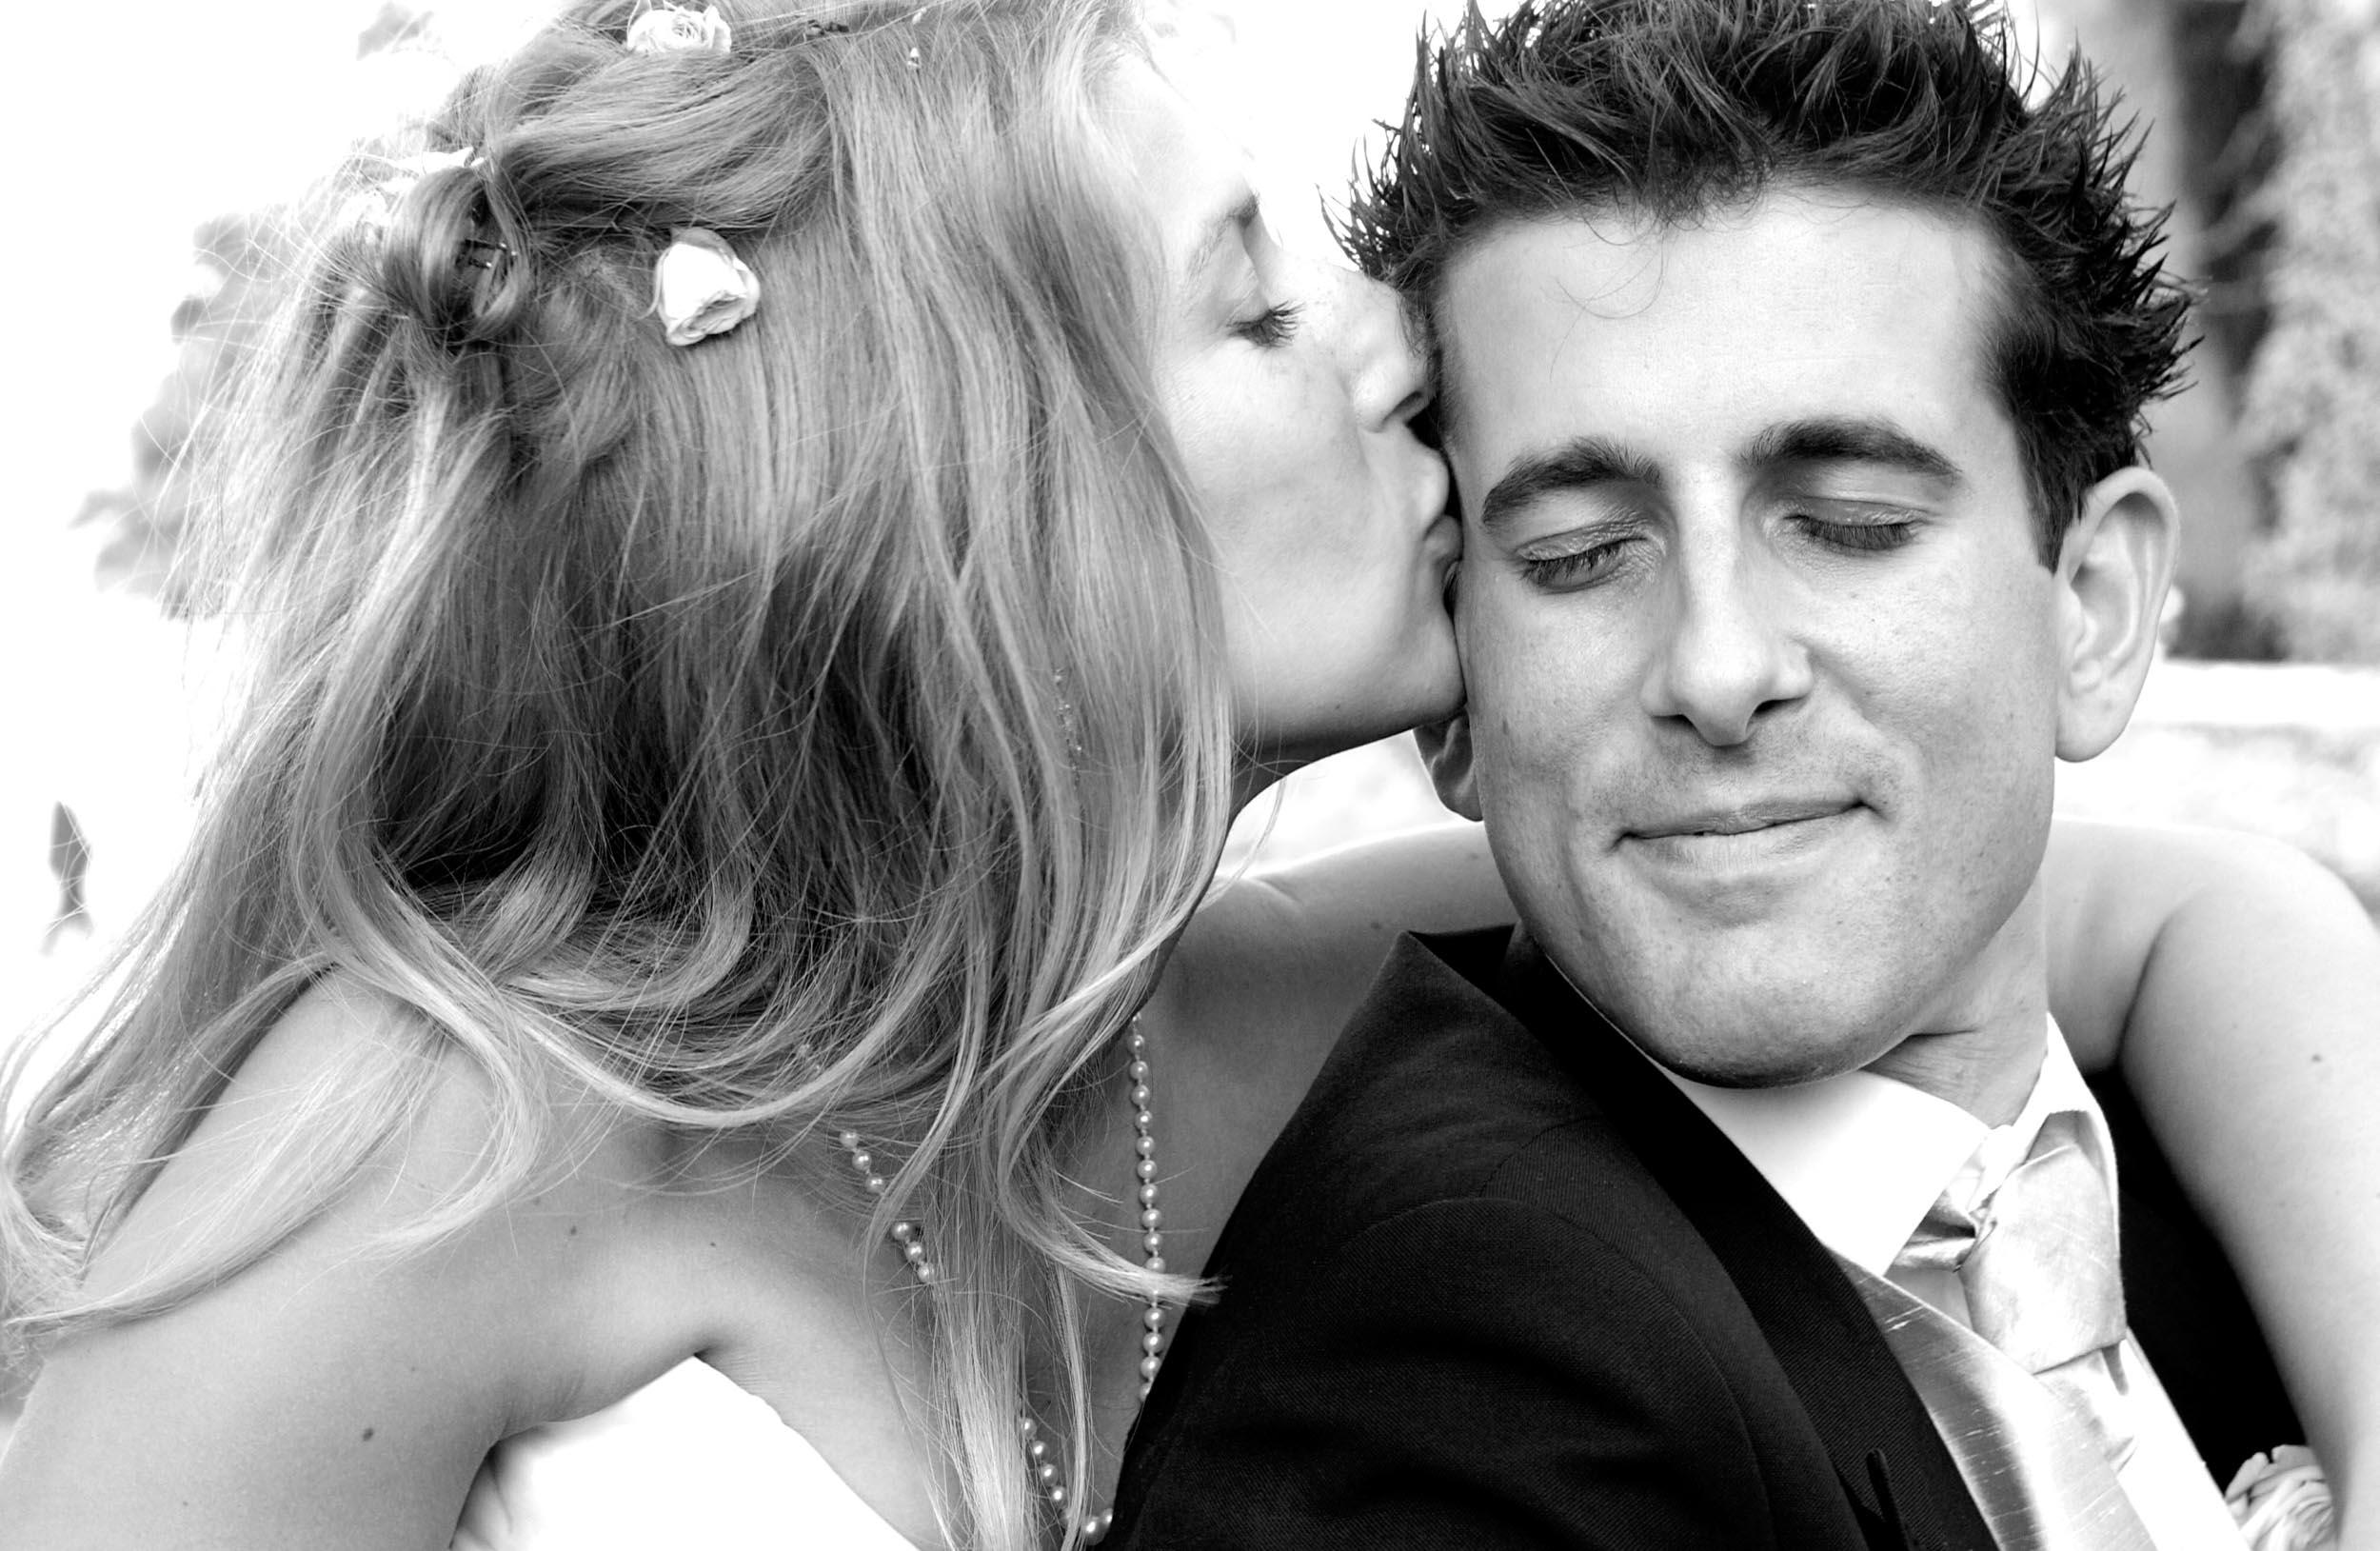 bride-groom-kiss-4.jpg